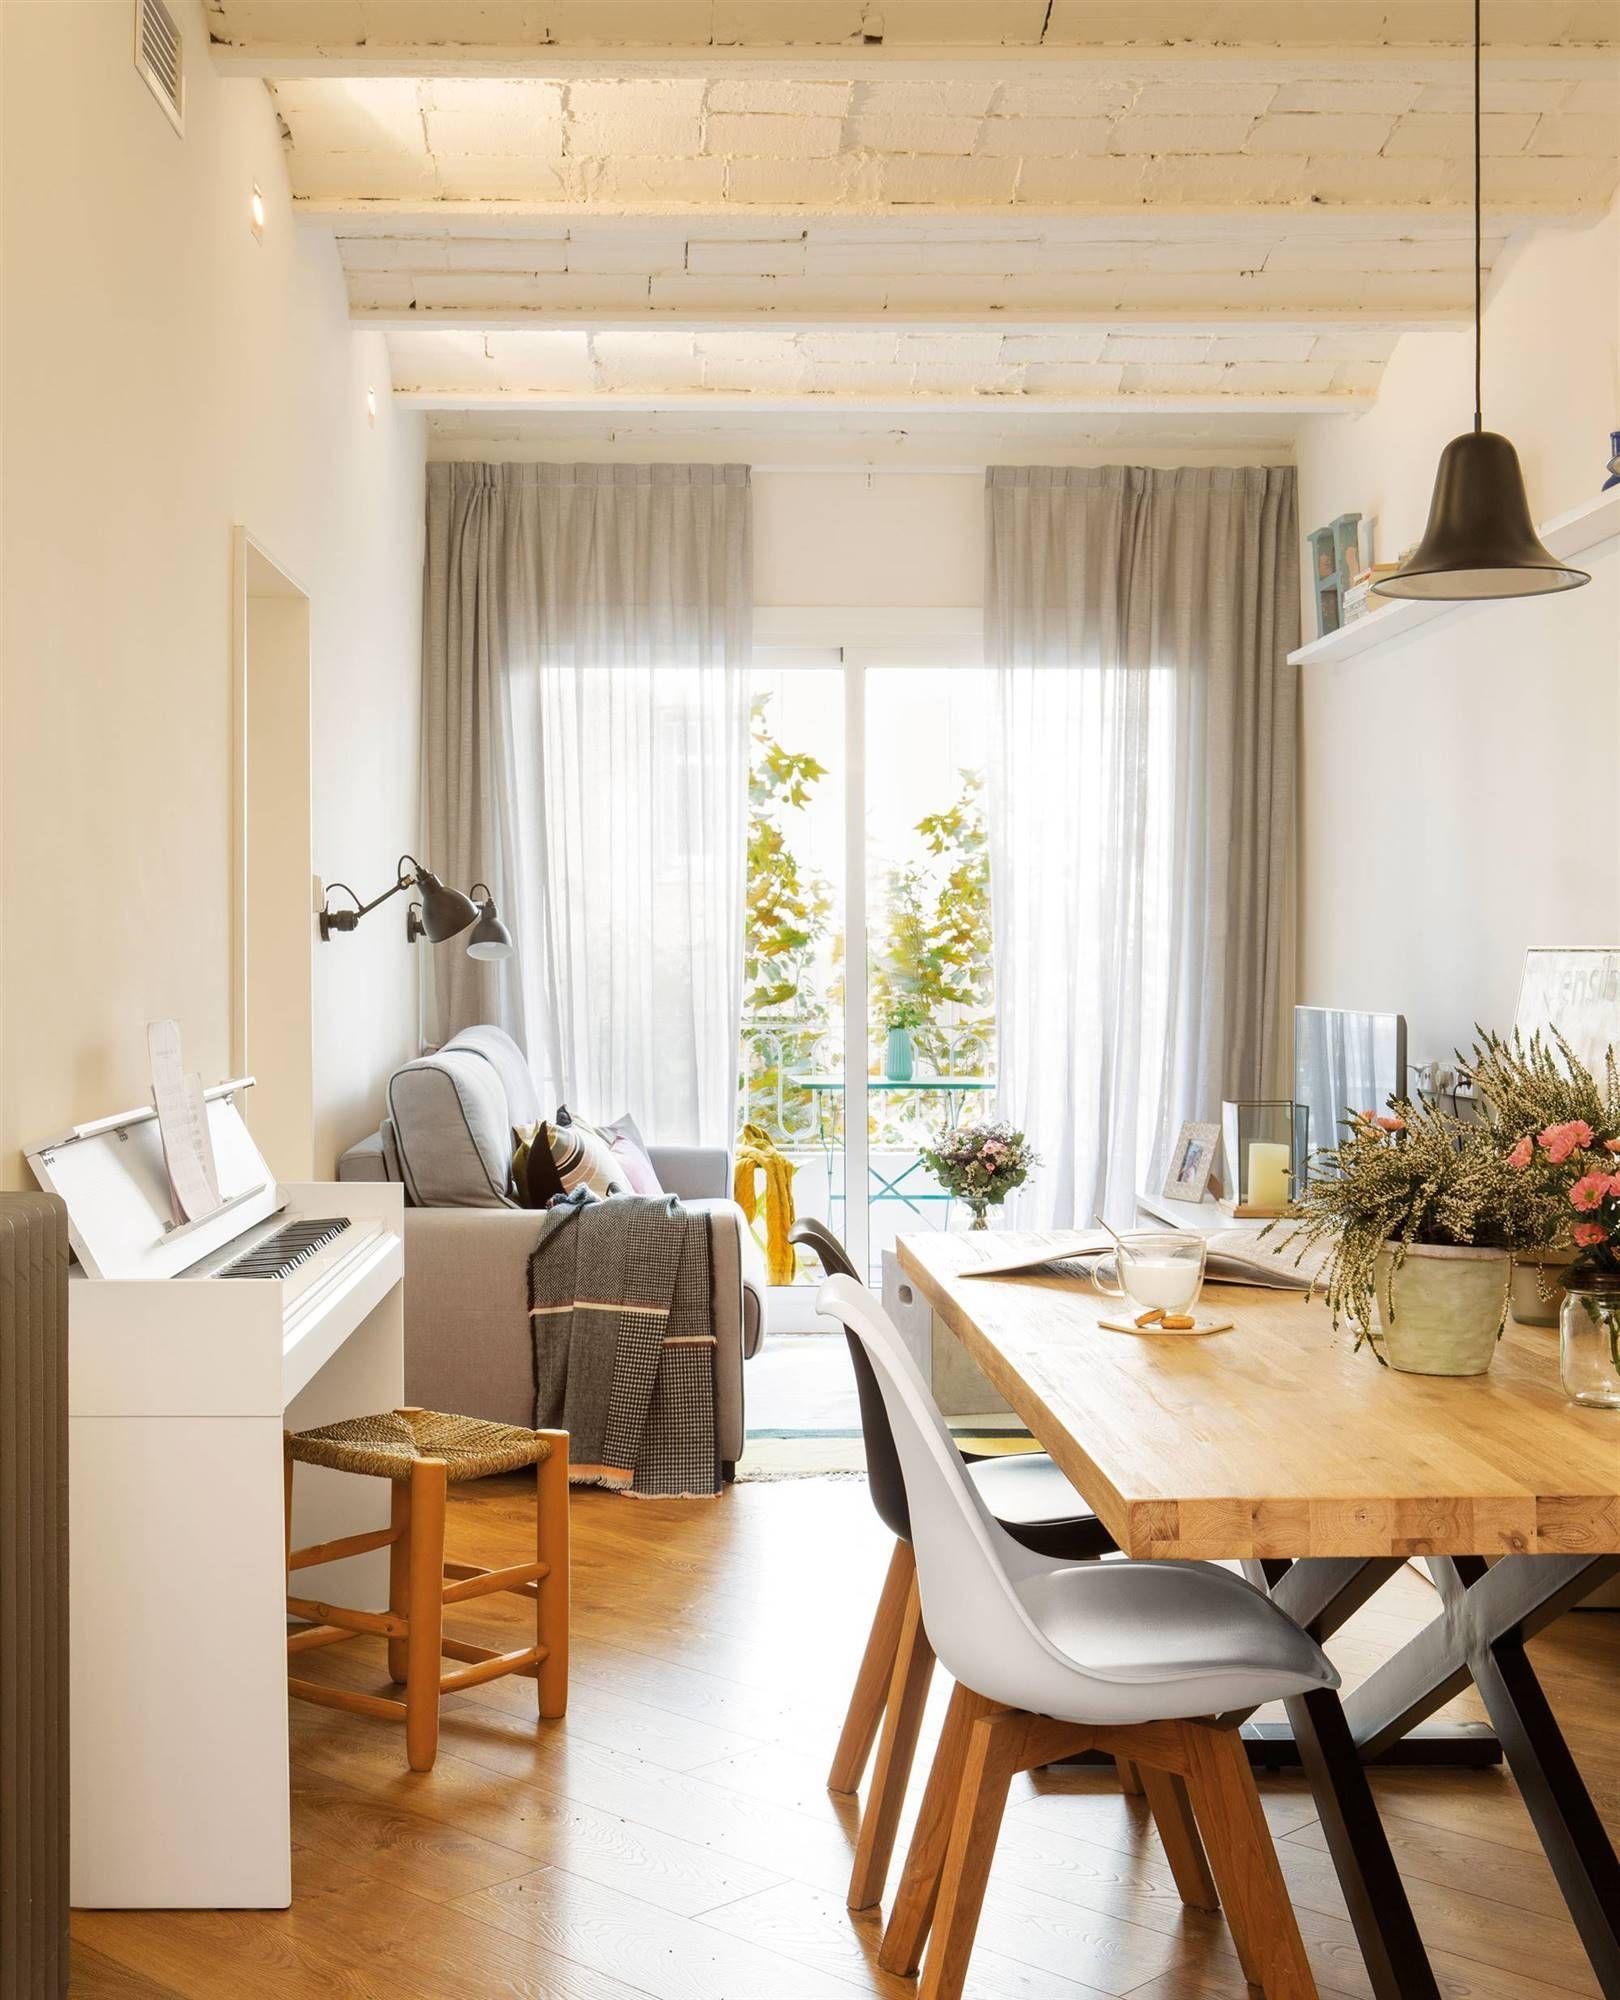 Arriba el mobiliario bajo en 2019 | DREAM HOUSE ♧ | Comedores ...